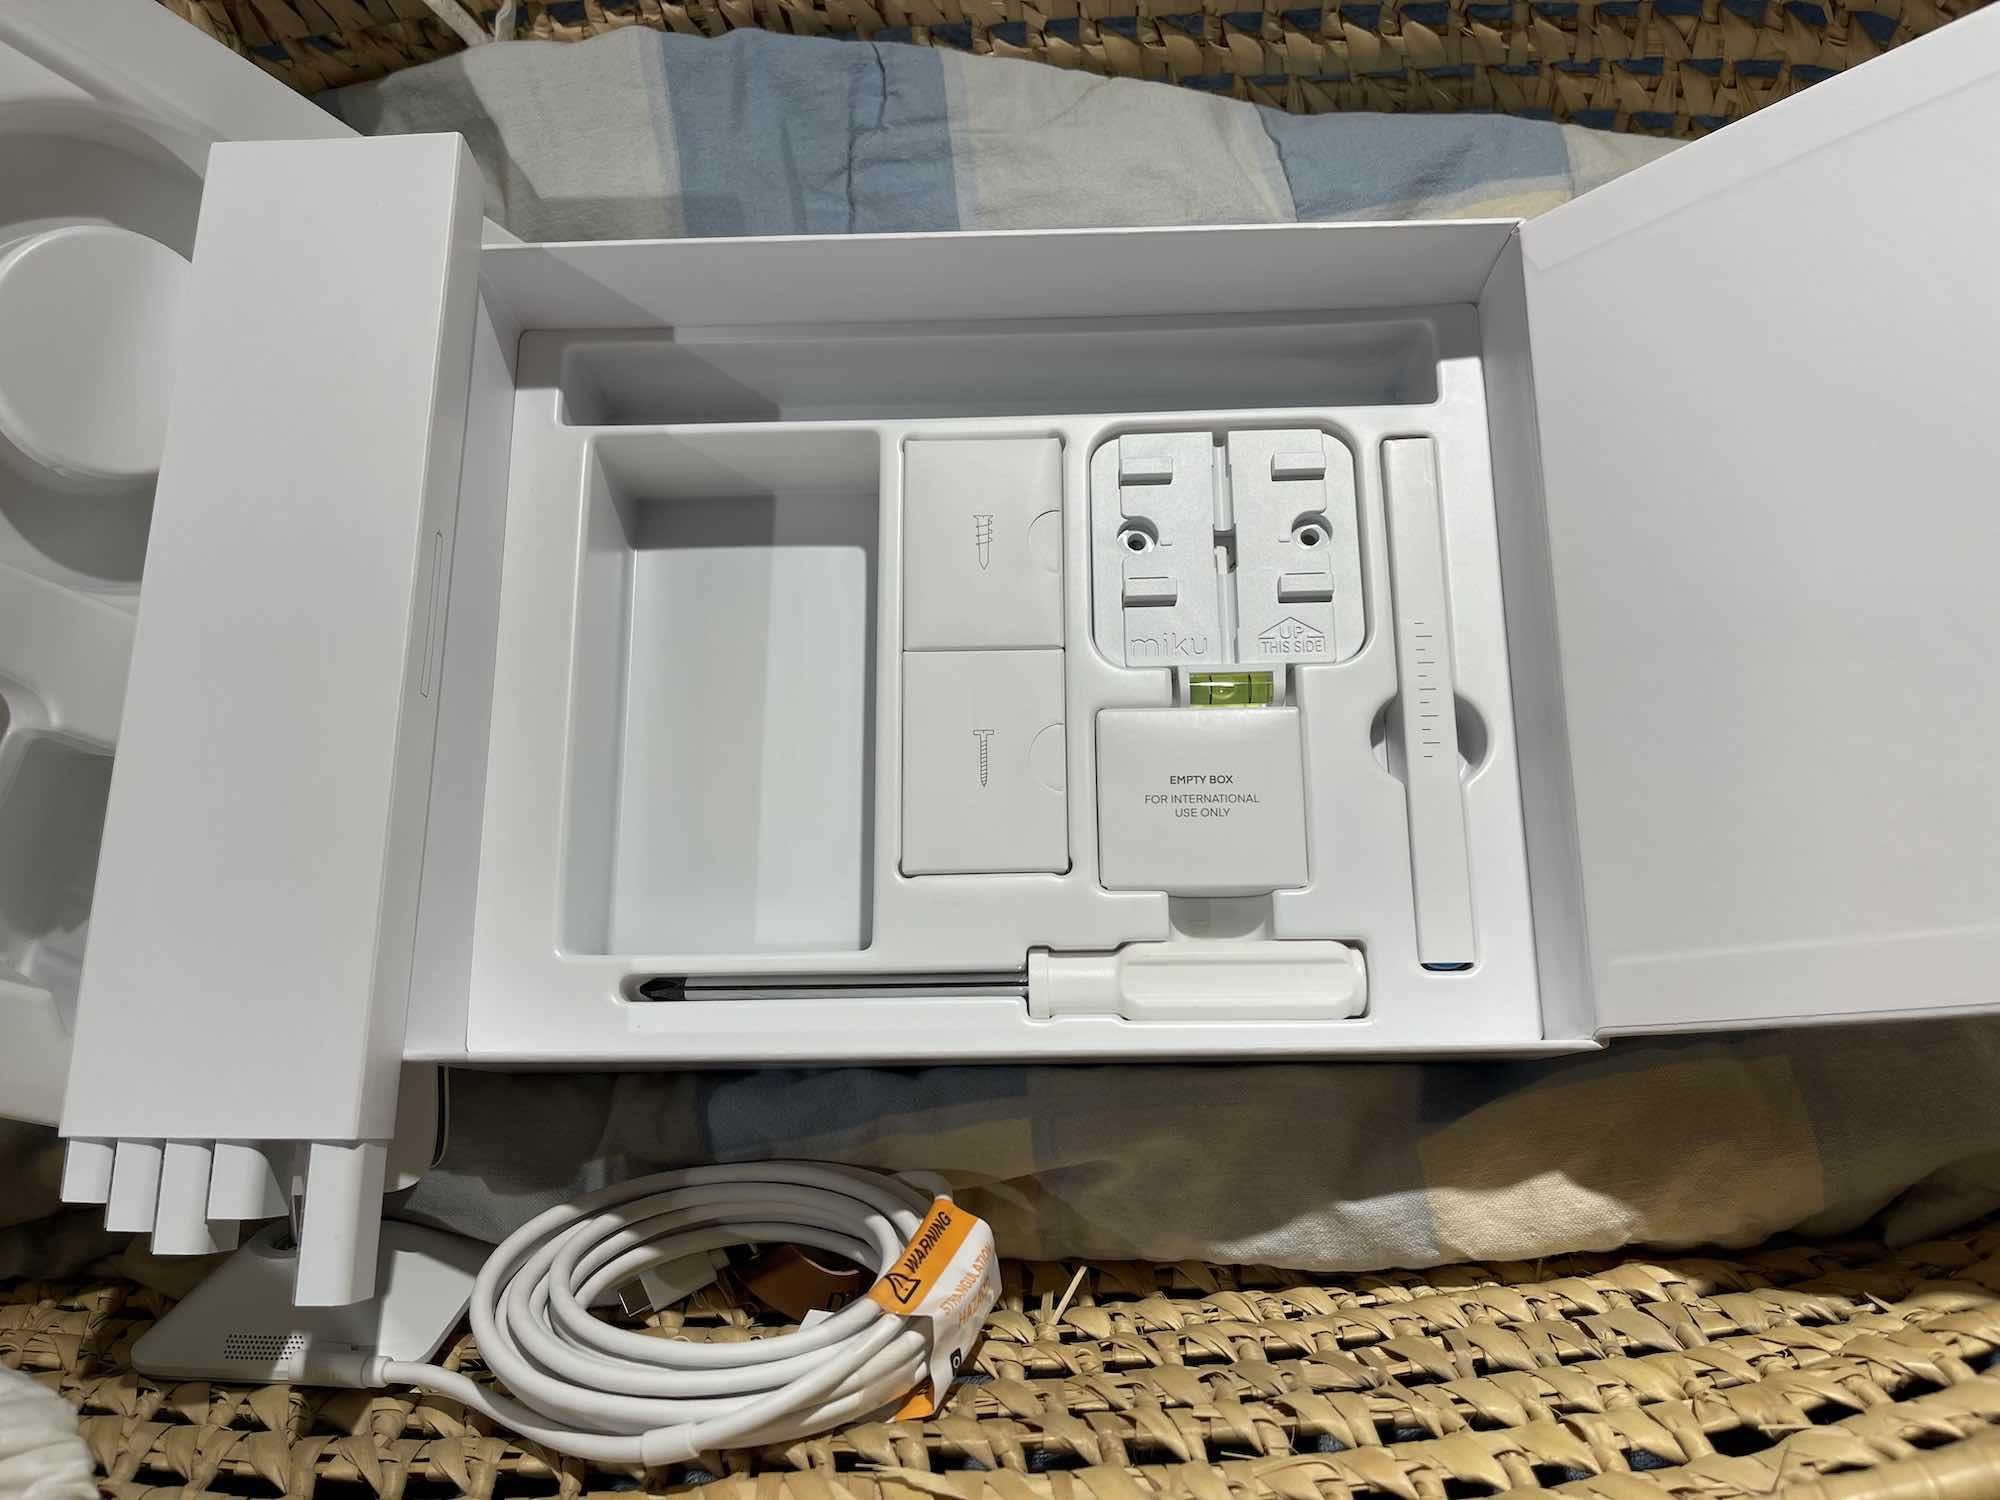 Miku Pro smart baby monitor install